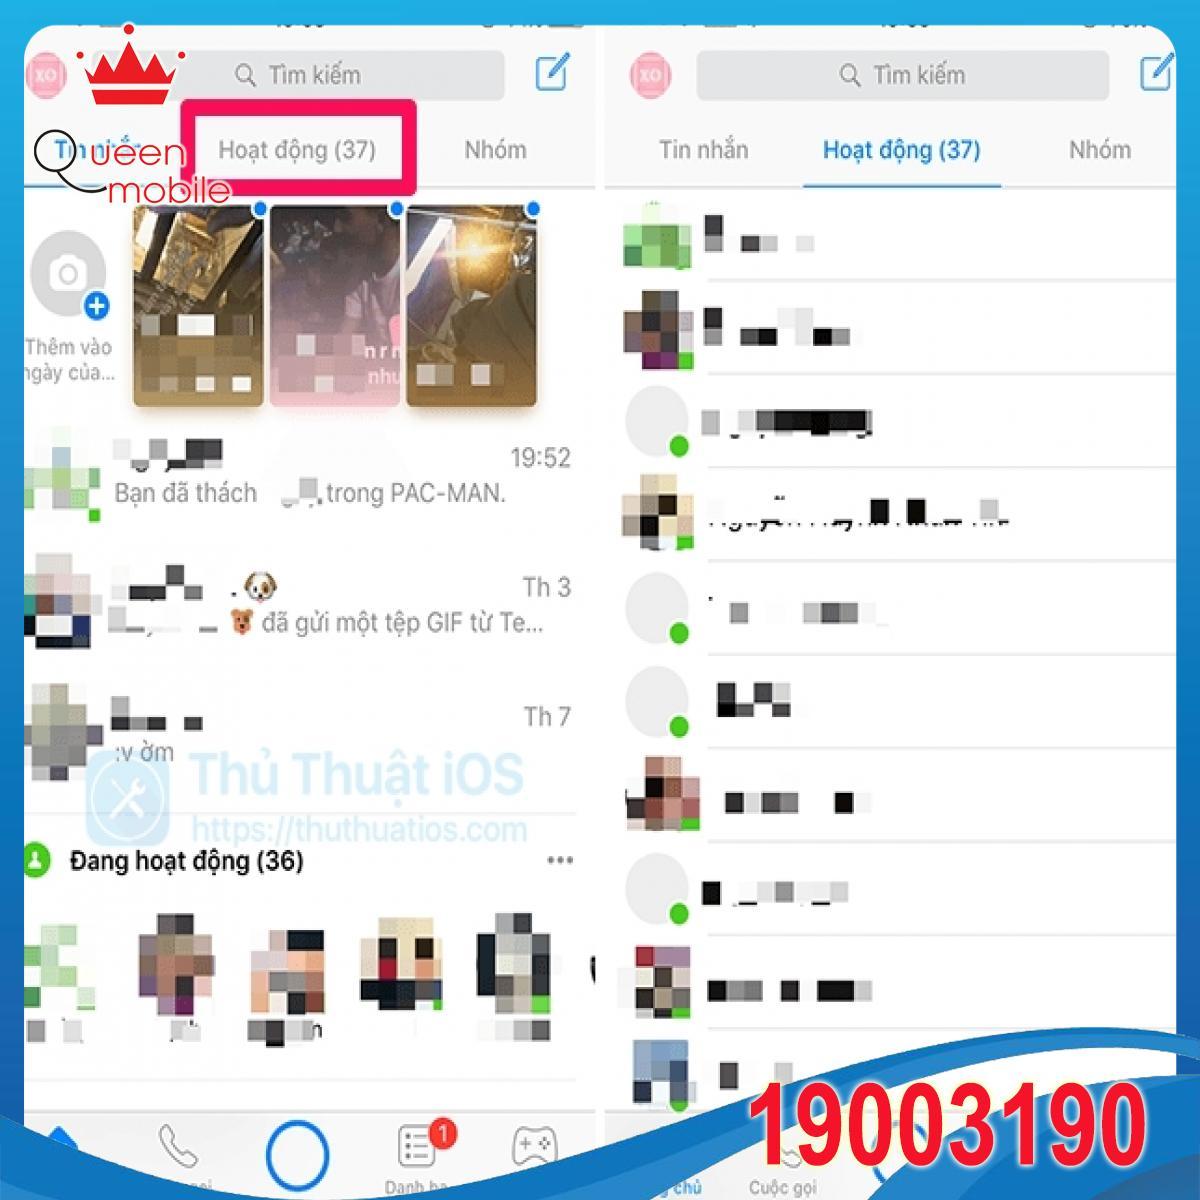 xem-ai-dang-online-tren-messenger